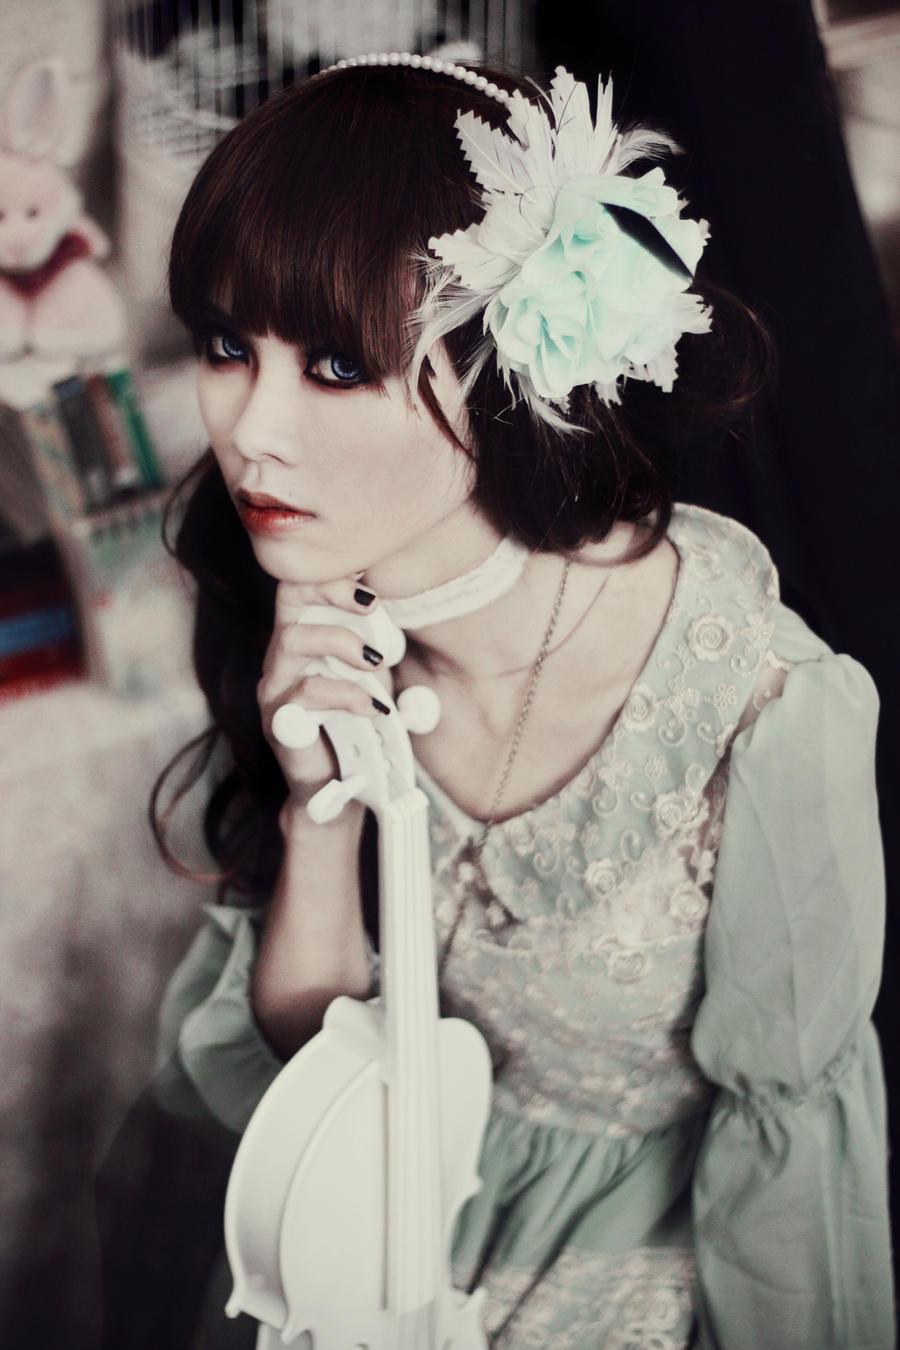 Give me yourself by HaKaryo